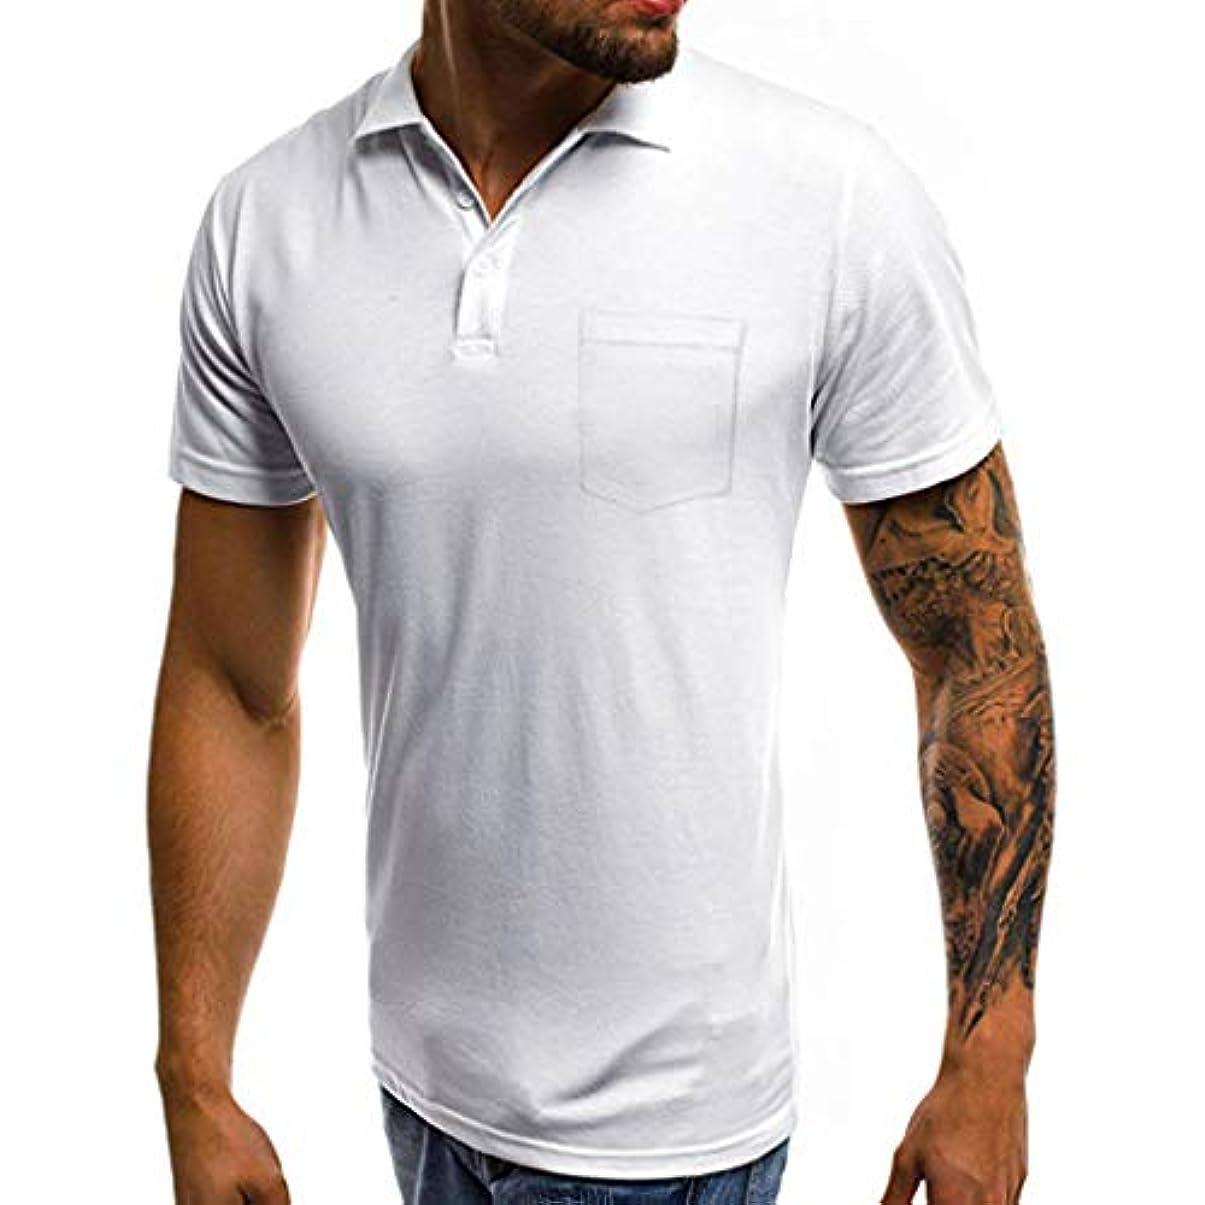 GINNTOKI tシャツ メンズ カジュアル スリム 半袖 ポケット ボタンTシャツ トップ ブラウス ラペルポケット半袖 キャップなし ファッションメンズ (ホワイト, M)